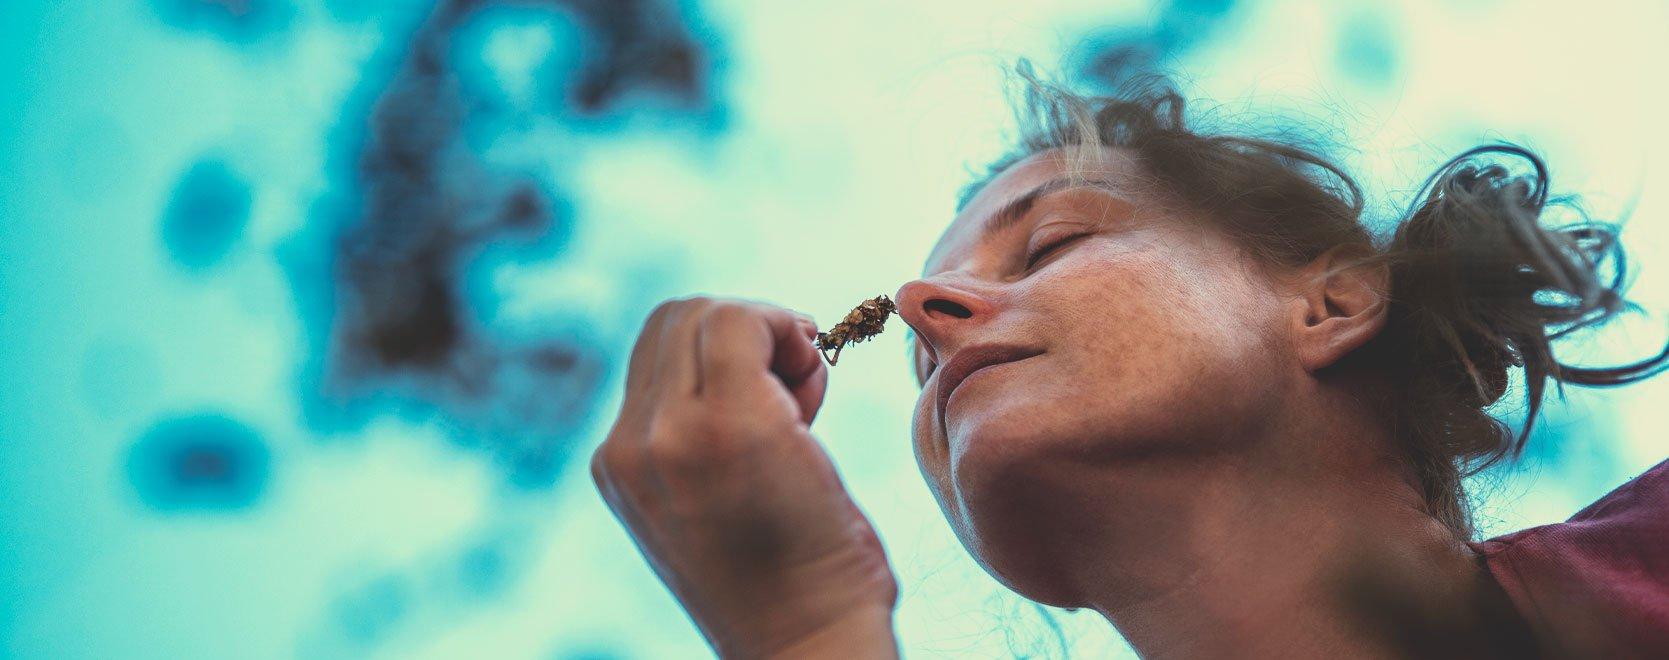 Kann Cannabis Menschen dabei helfen, mit Ängsten, Stress, Gewichtsabnahme, Alkoholentzug und Ähnlichem umzugehen?